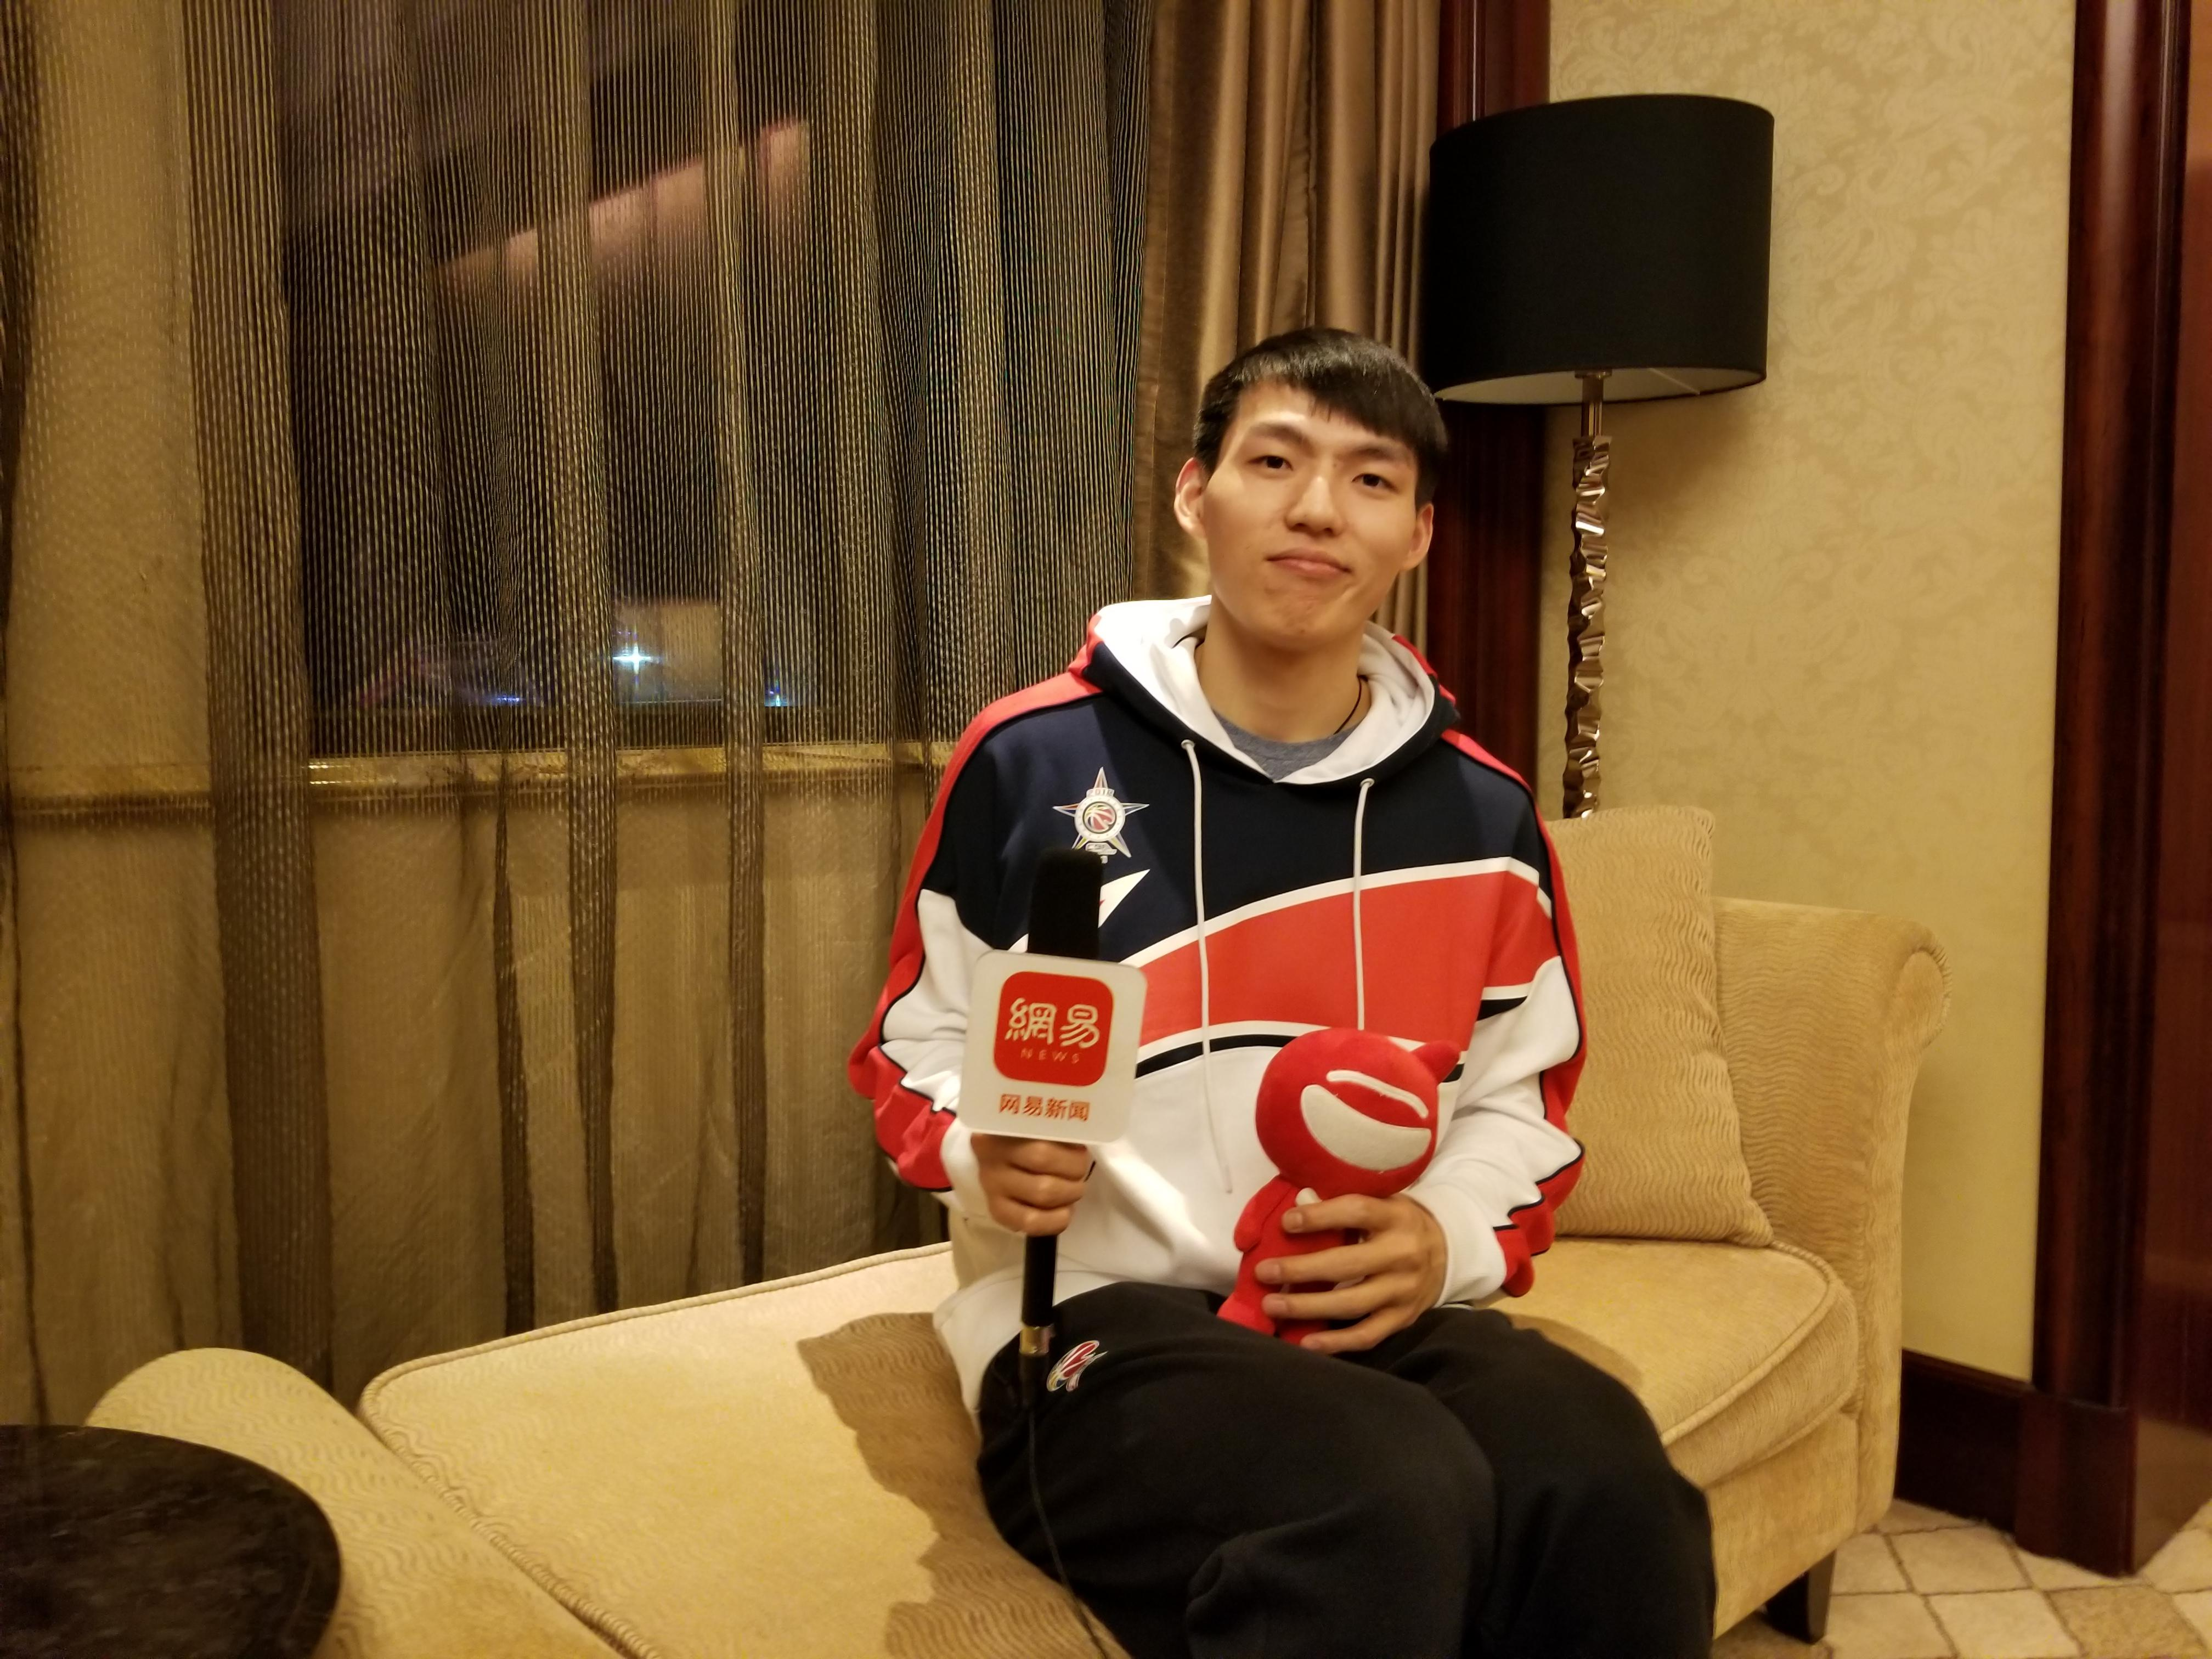 专访吴前:自信心来自队友支持 闲暇时也爱吃鸡